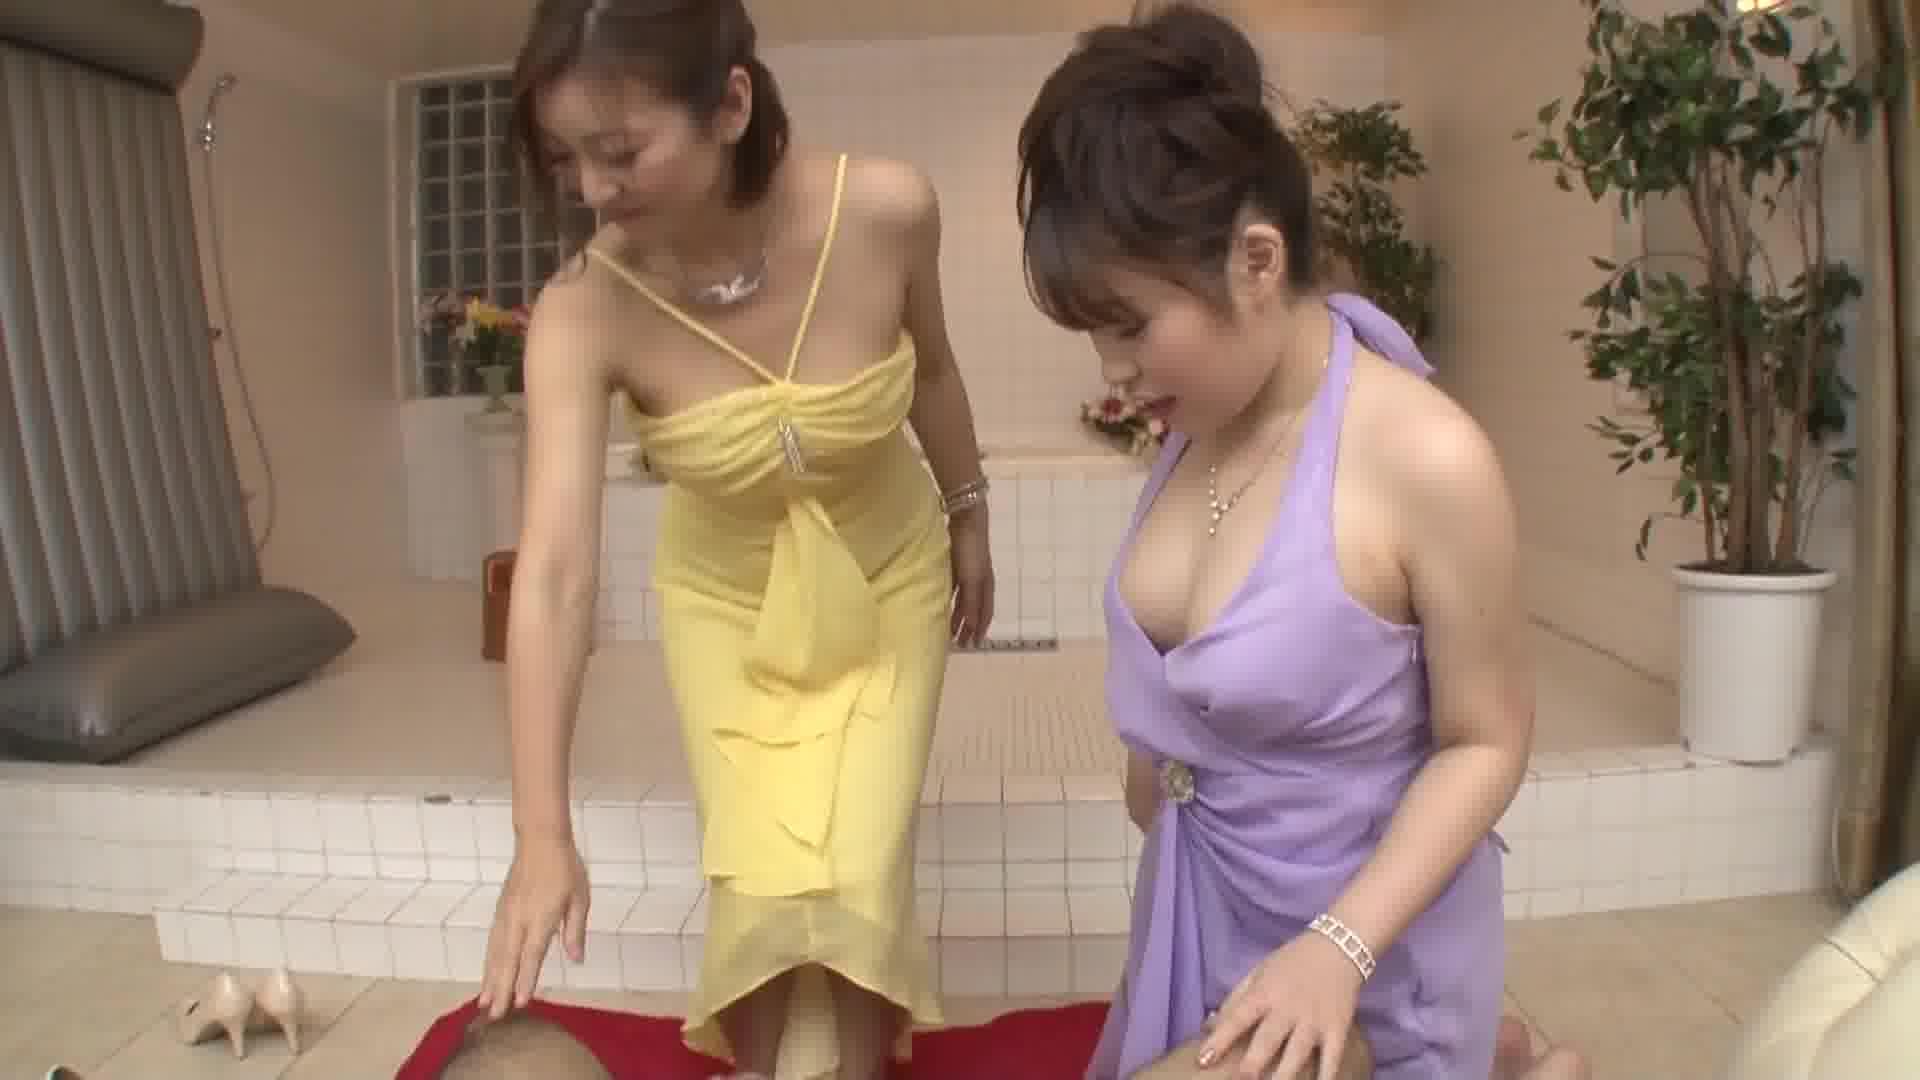 蝶が如く ~ピンク通りの二輪車ソープランド14~ - 神谷ゆうみ【巨乳・パイパン・痴女】